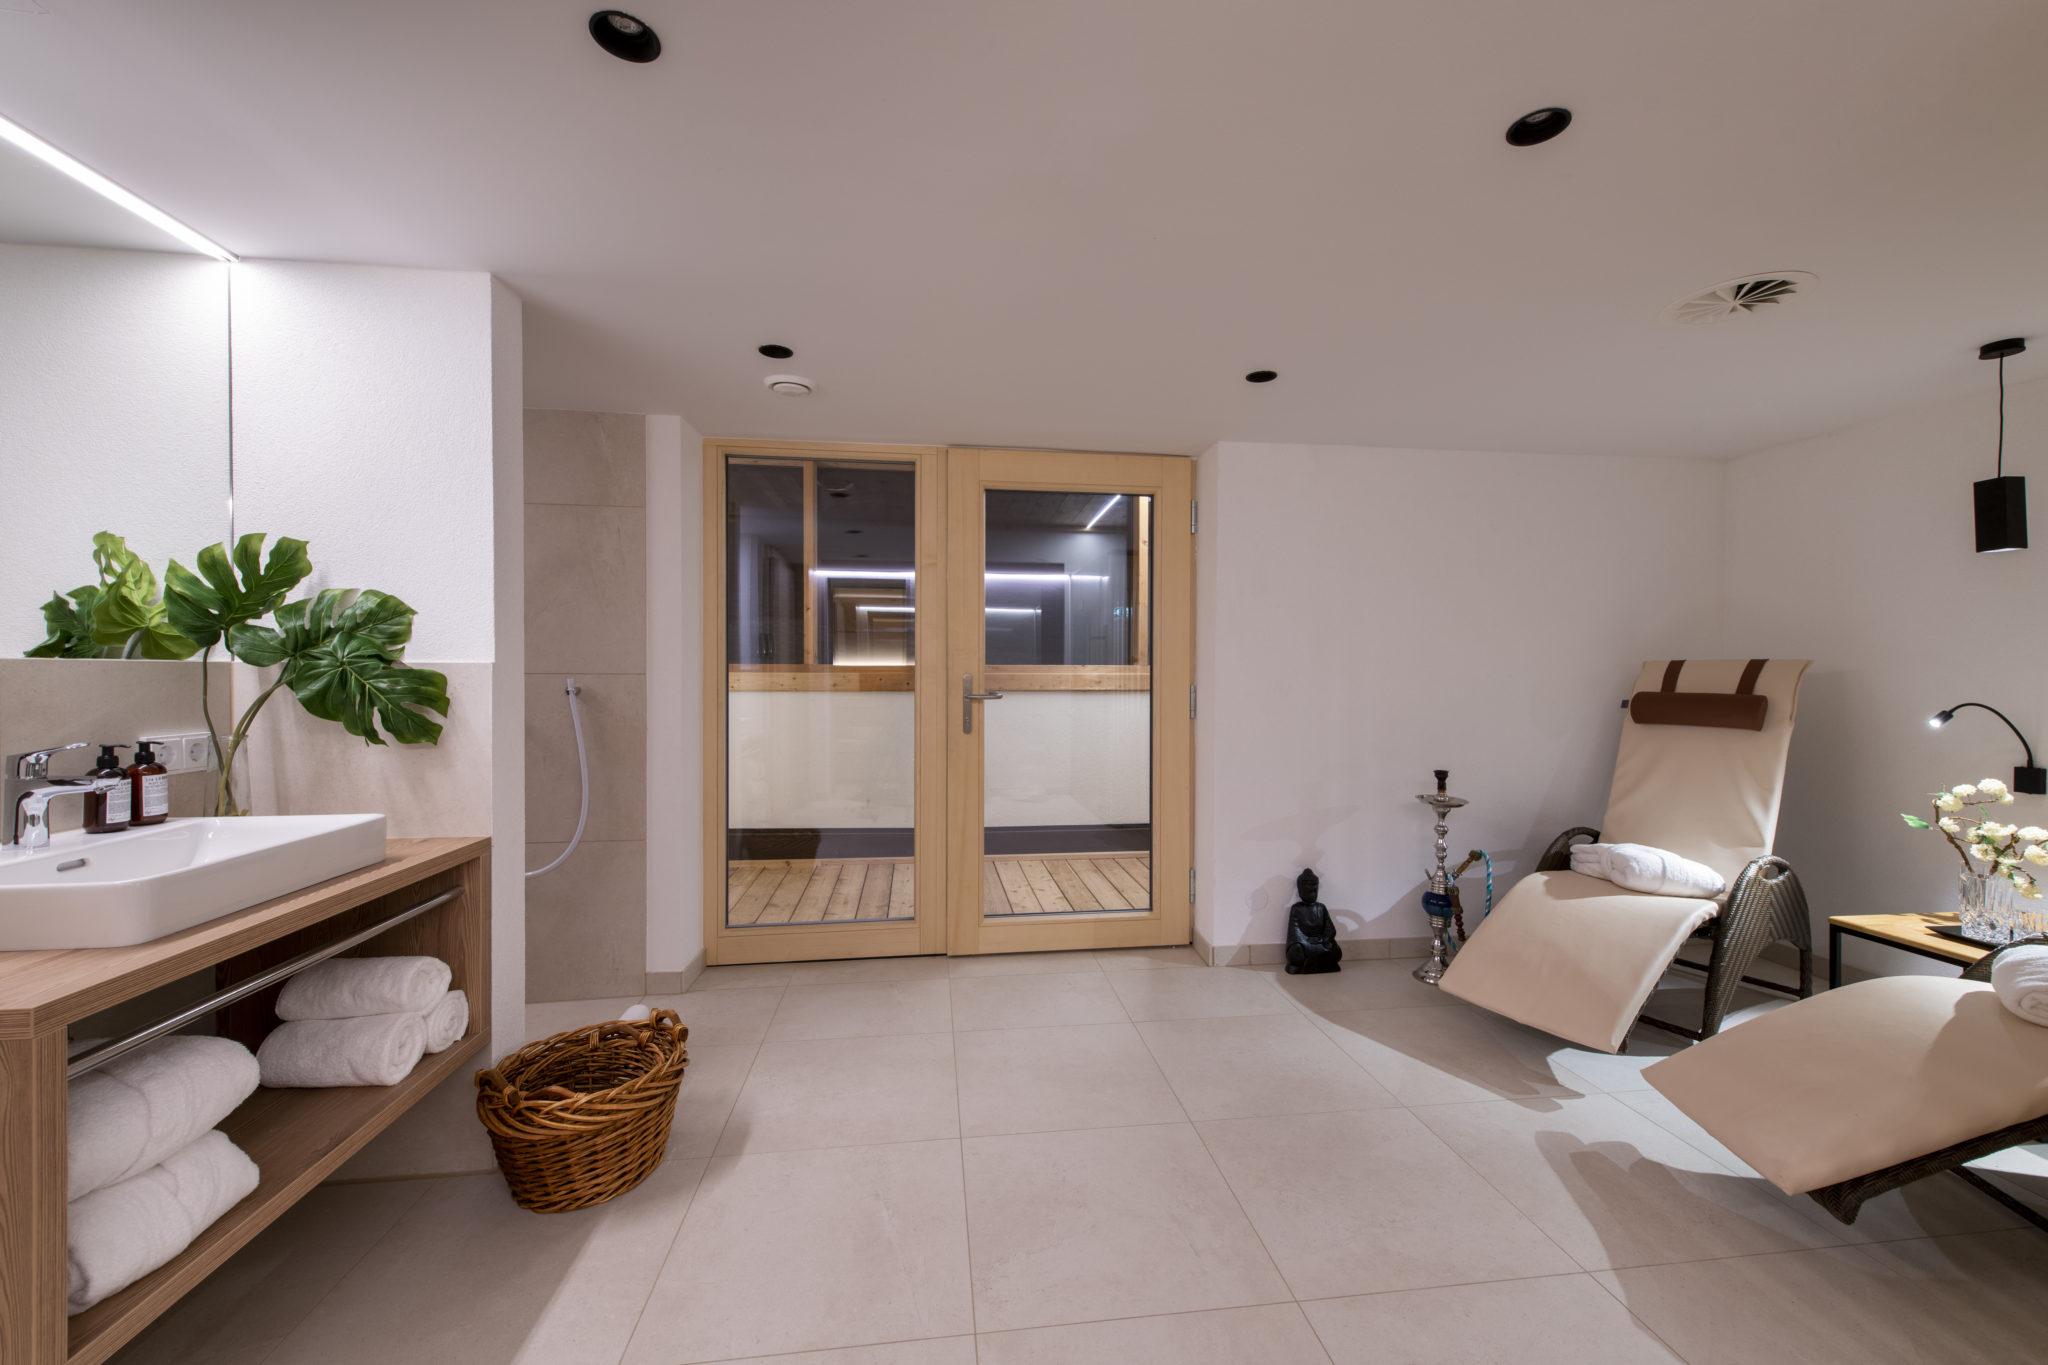 bhlhof-penthouse-11396-scaled